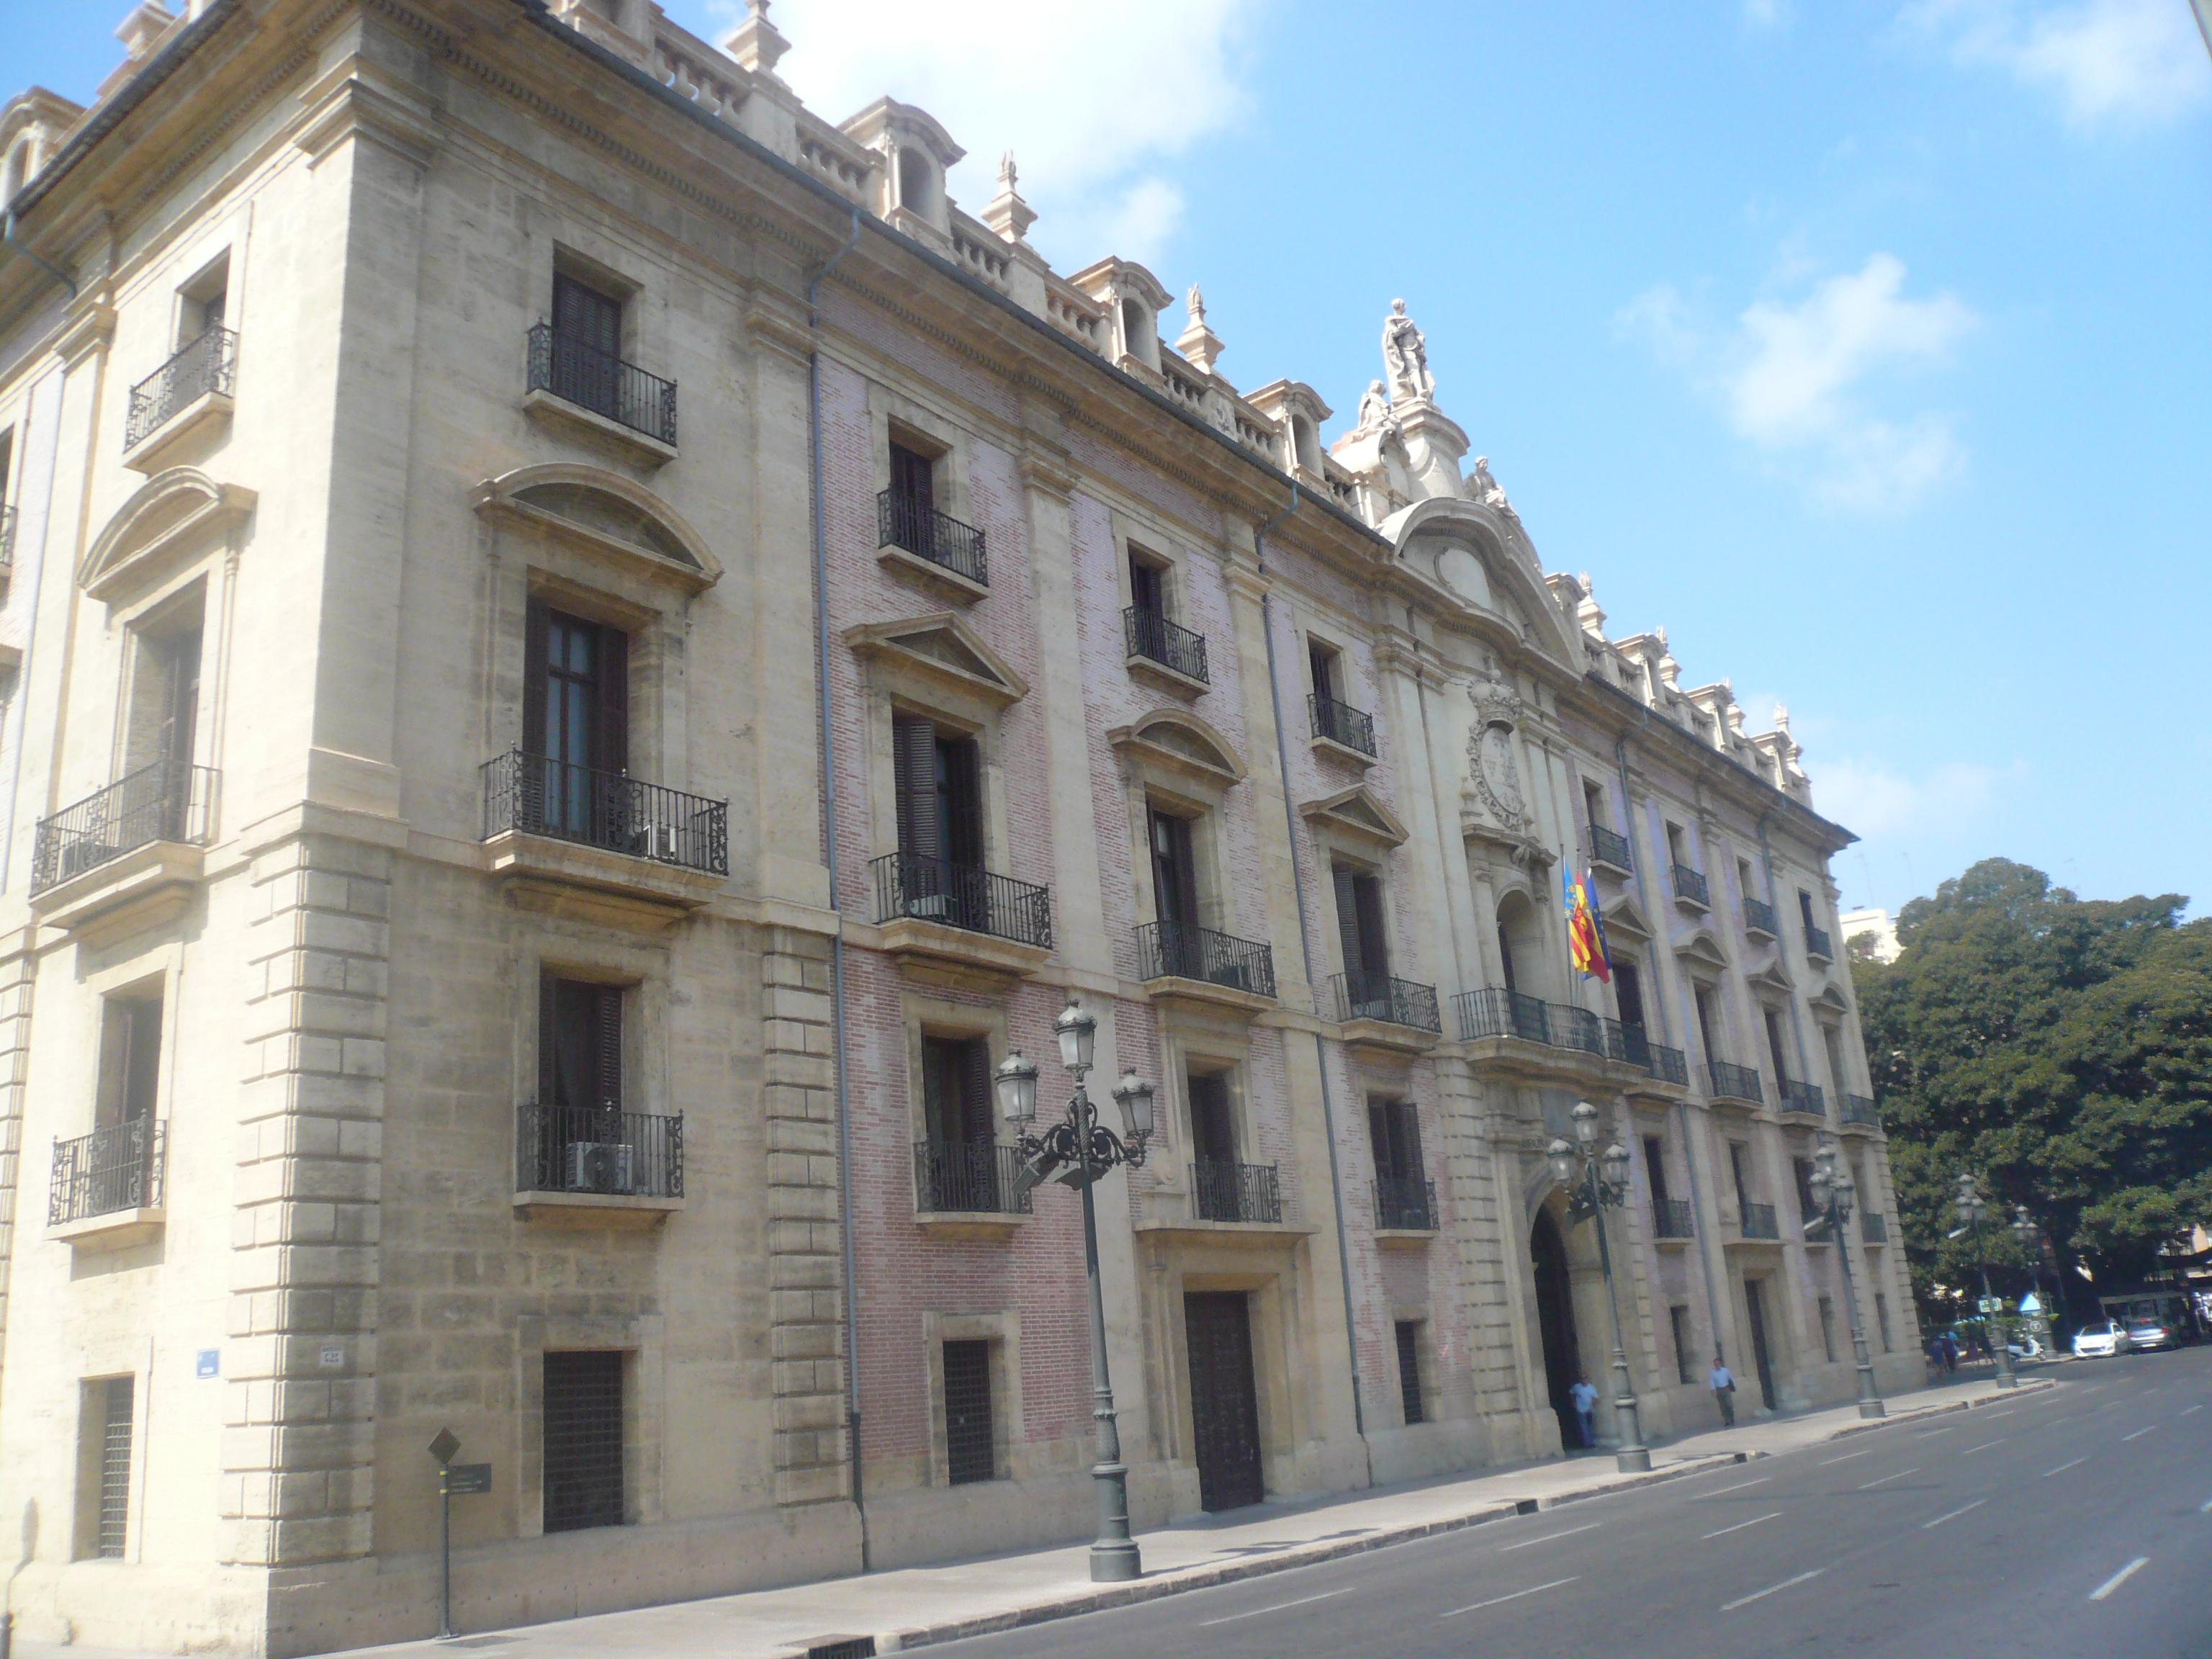 Edificio del Tribunal Superior de Justicia de la C.Valenciana / Wikimedia commons